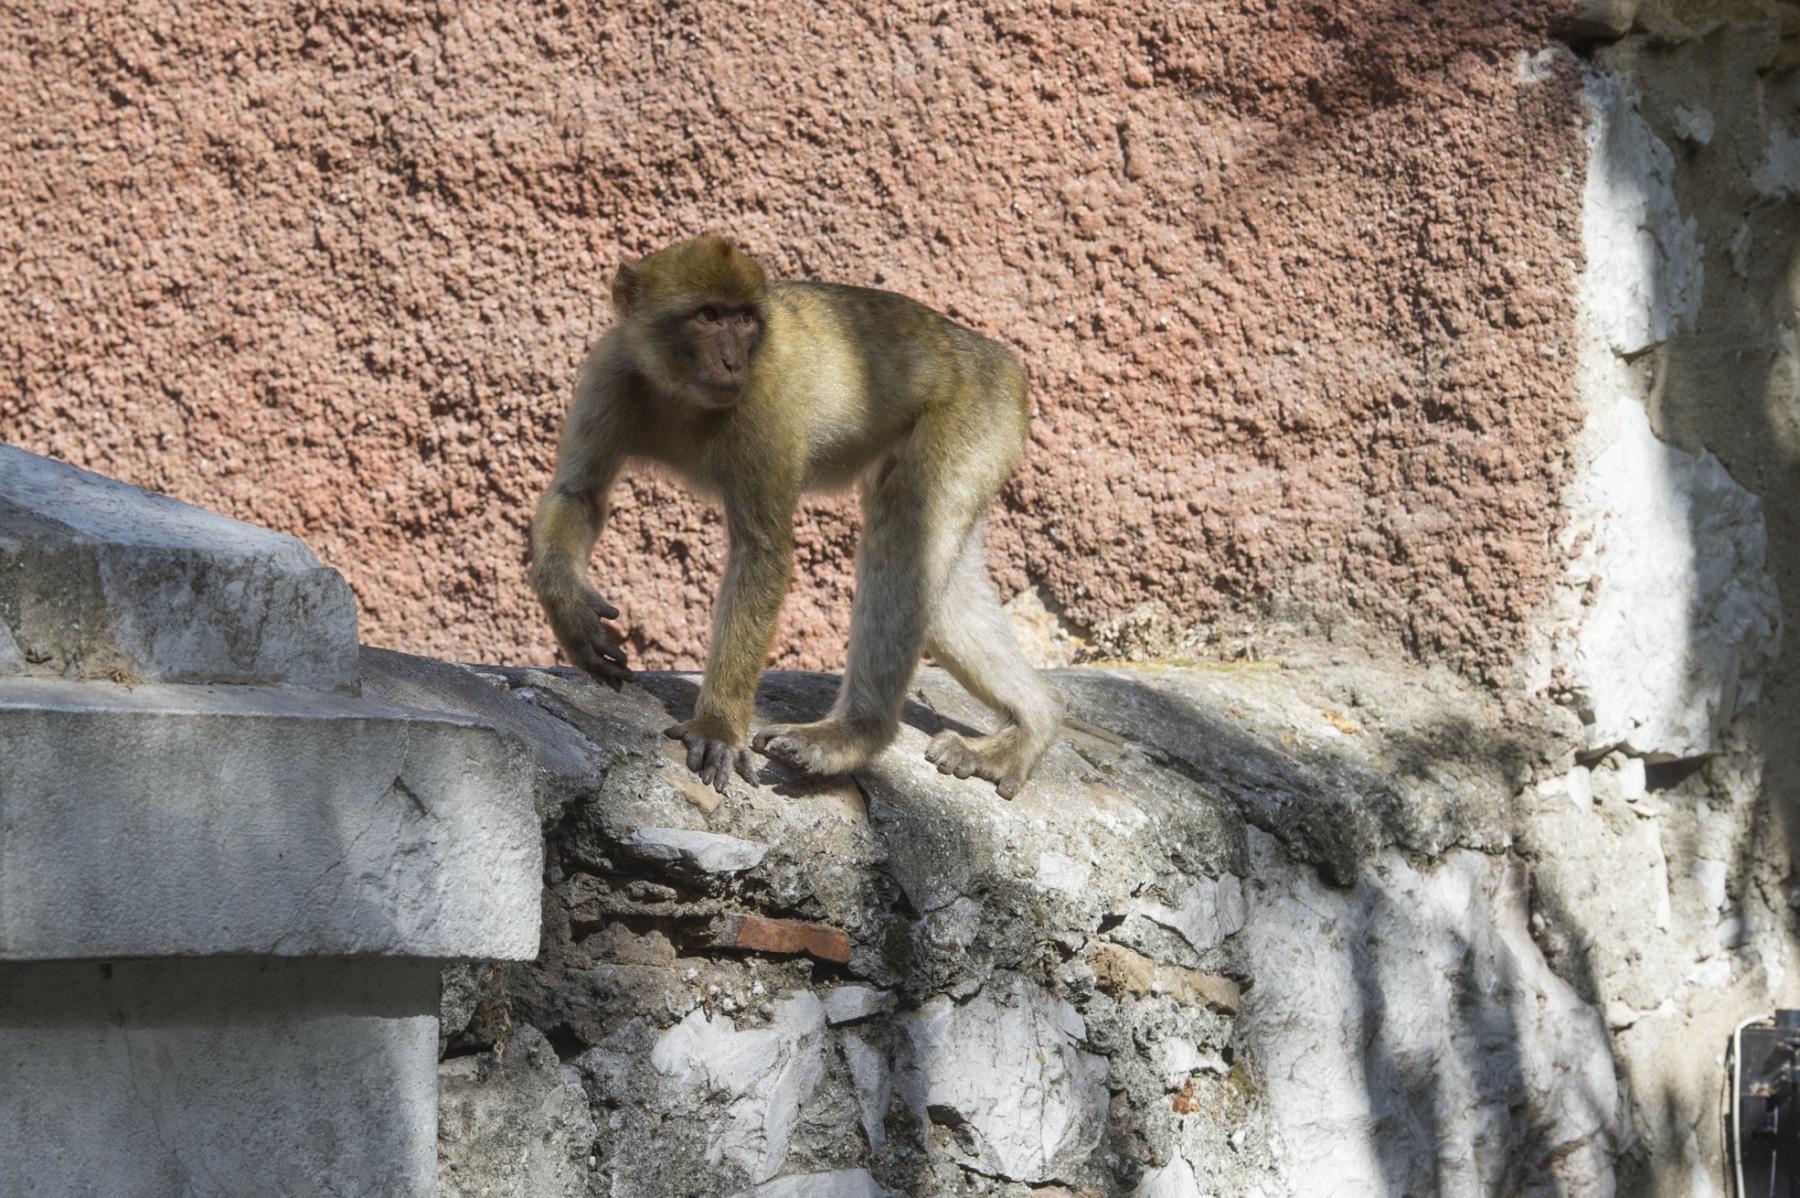 Monos-en-la-ciudad-23